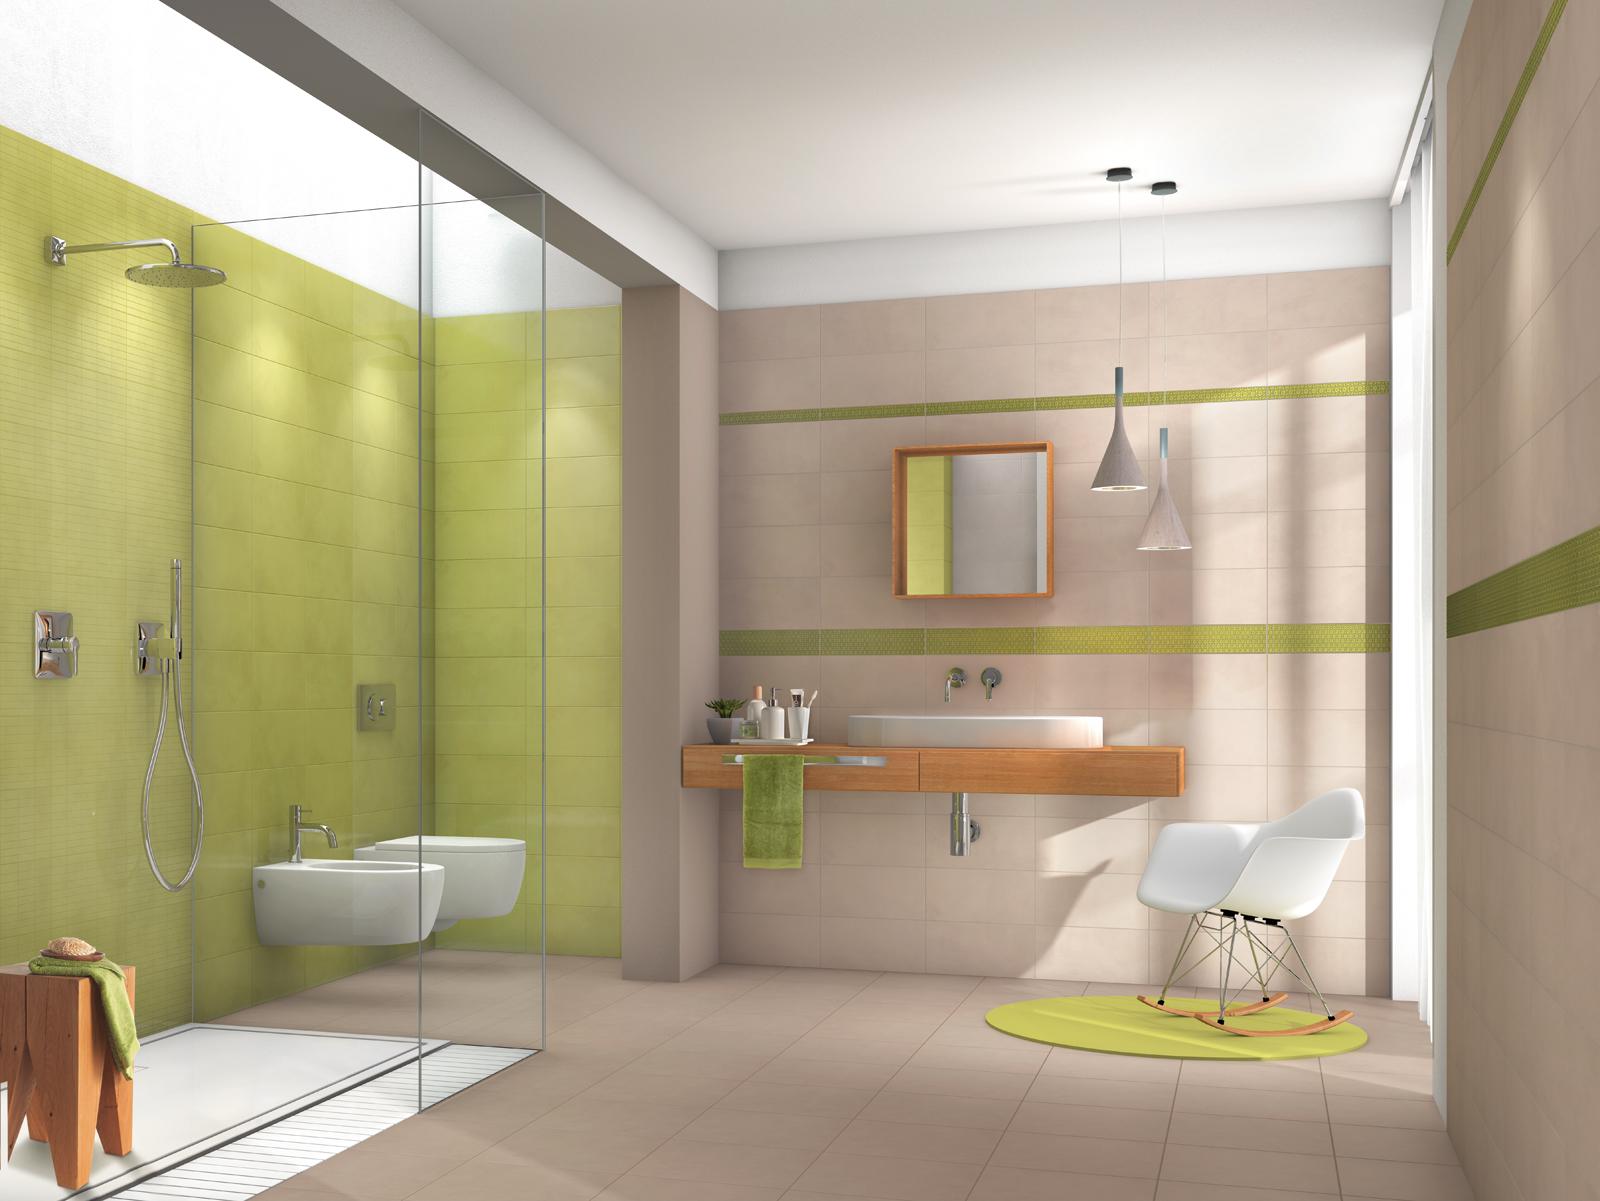 Badezimmer fliesen holzoptik grün  Fliesen in der Farbe Grün: Unsere Kollektionen | Marazzi